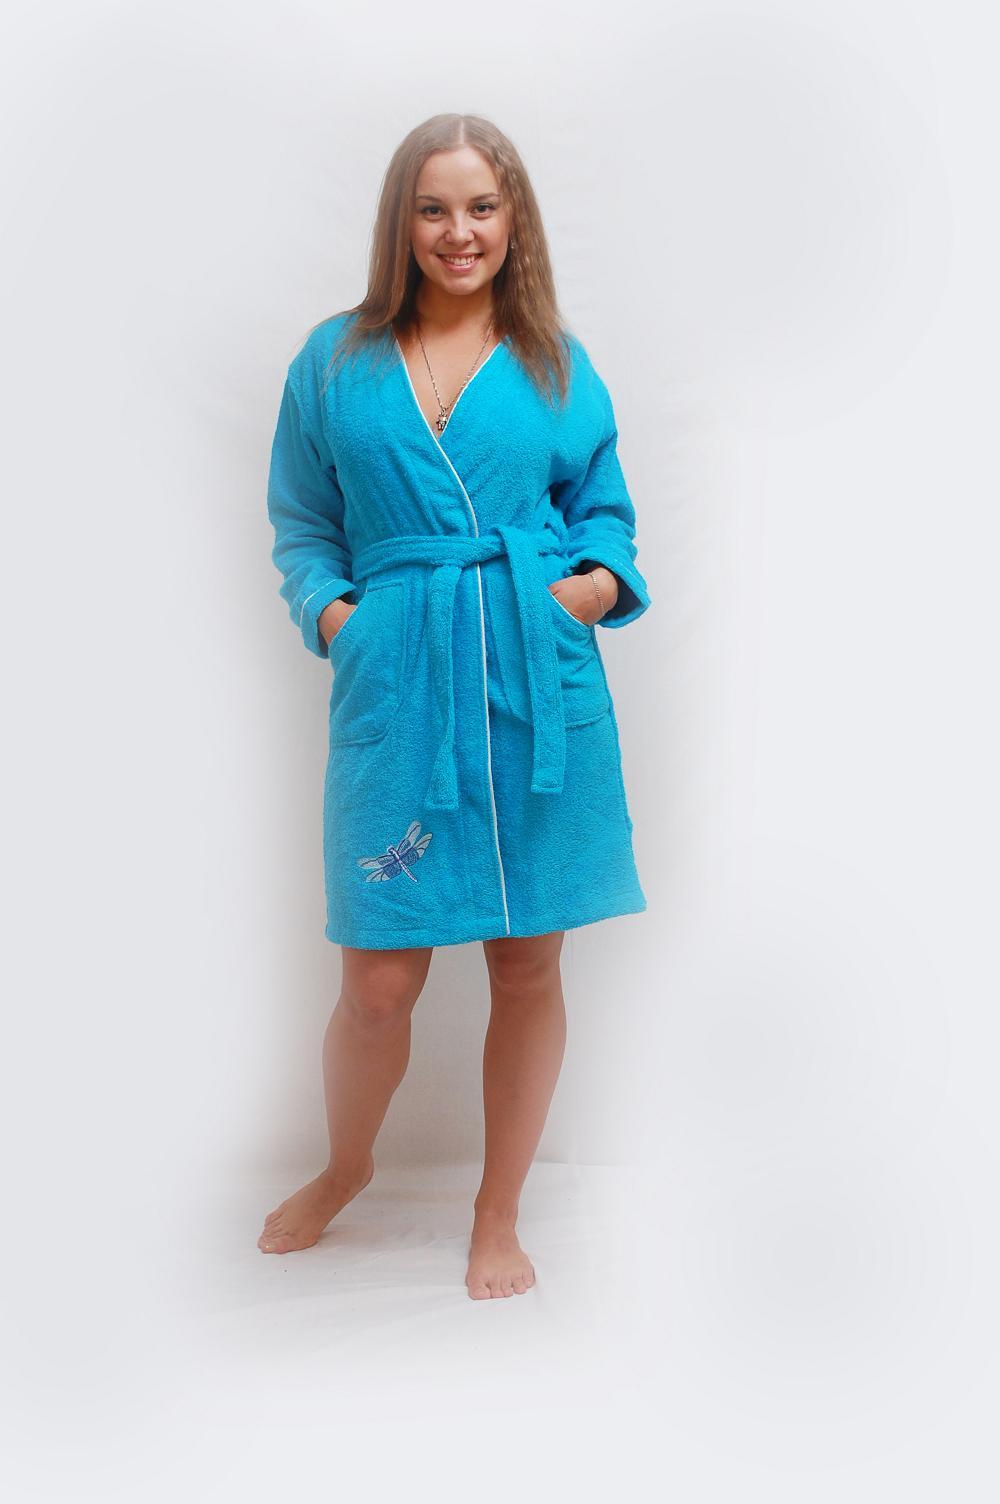 Сбор заказов. Уютный подарок на 8 марта от Восток НН. Махровые халаты, наборы для сауны, вязаные пледы